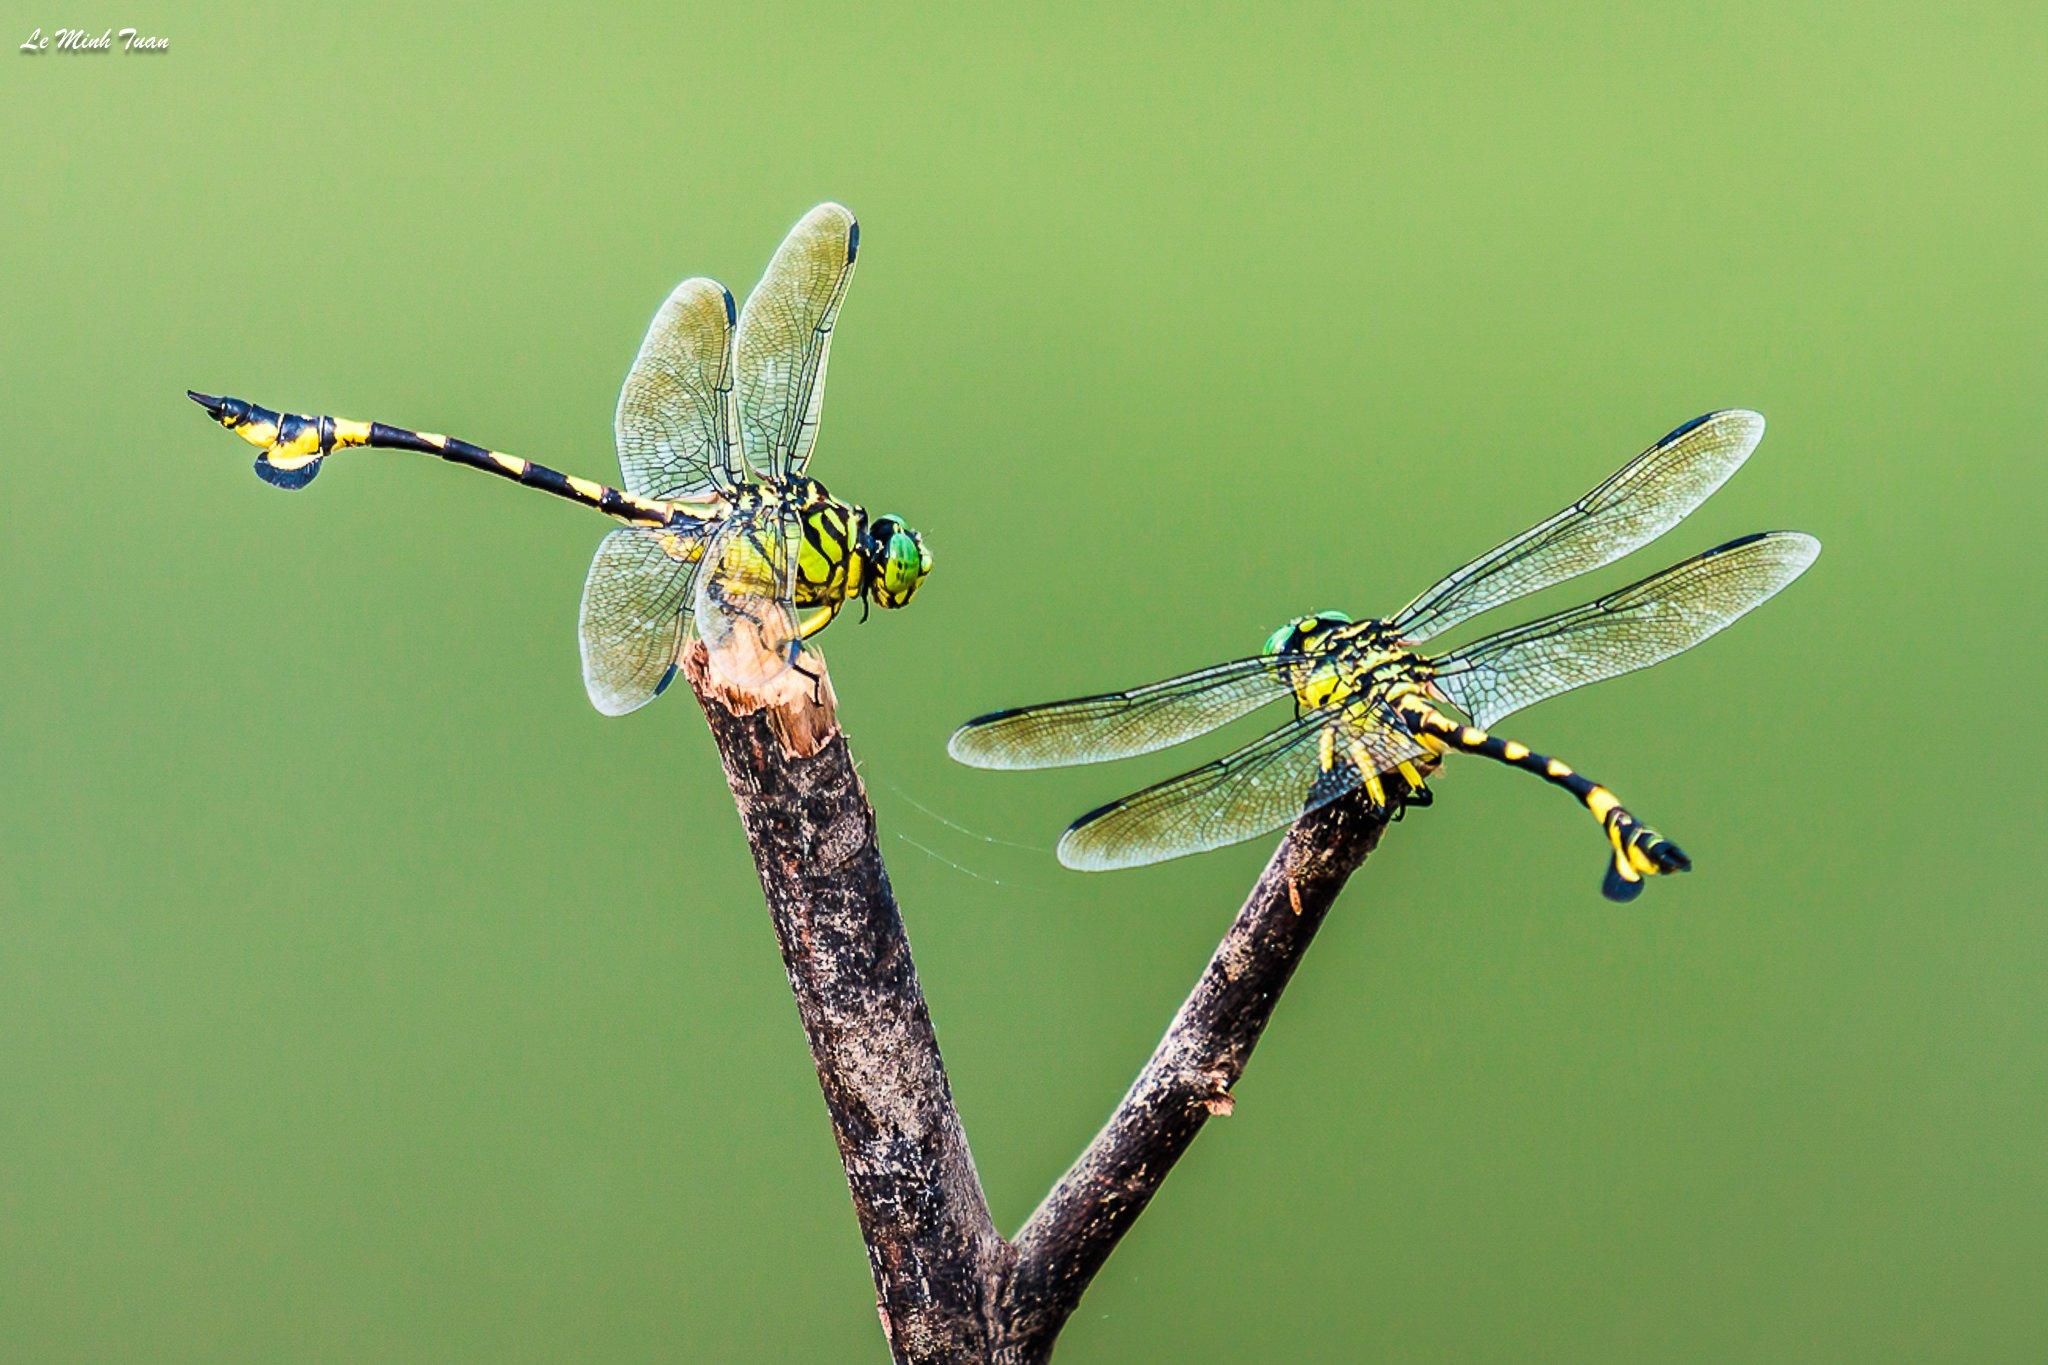 dragonflies, Lê Minh Tuấn